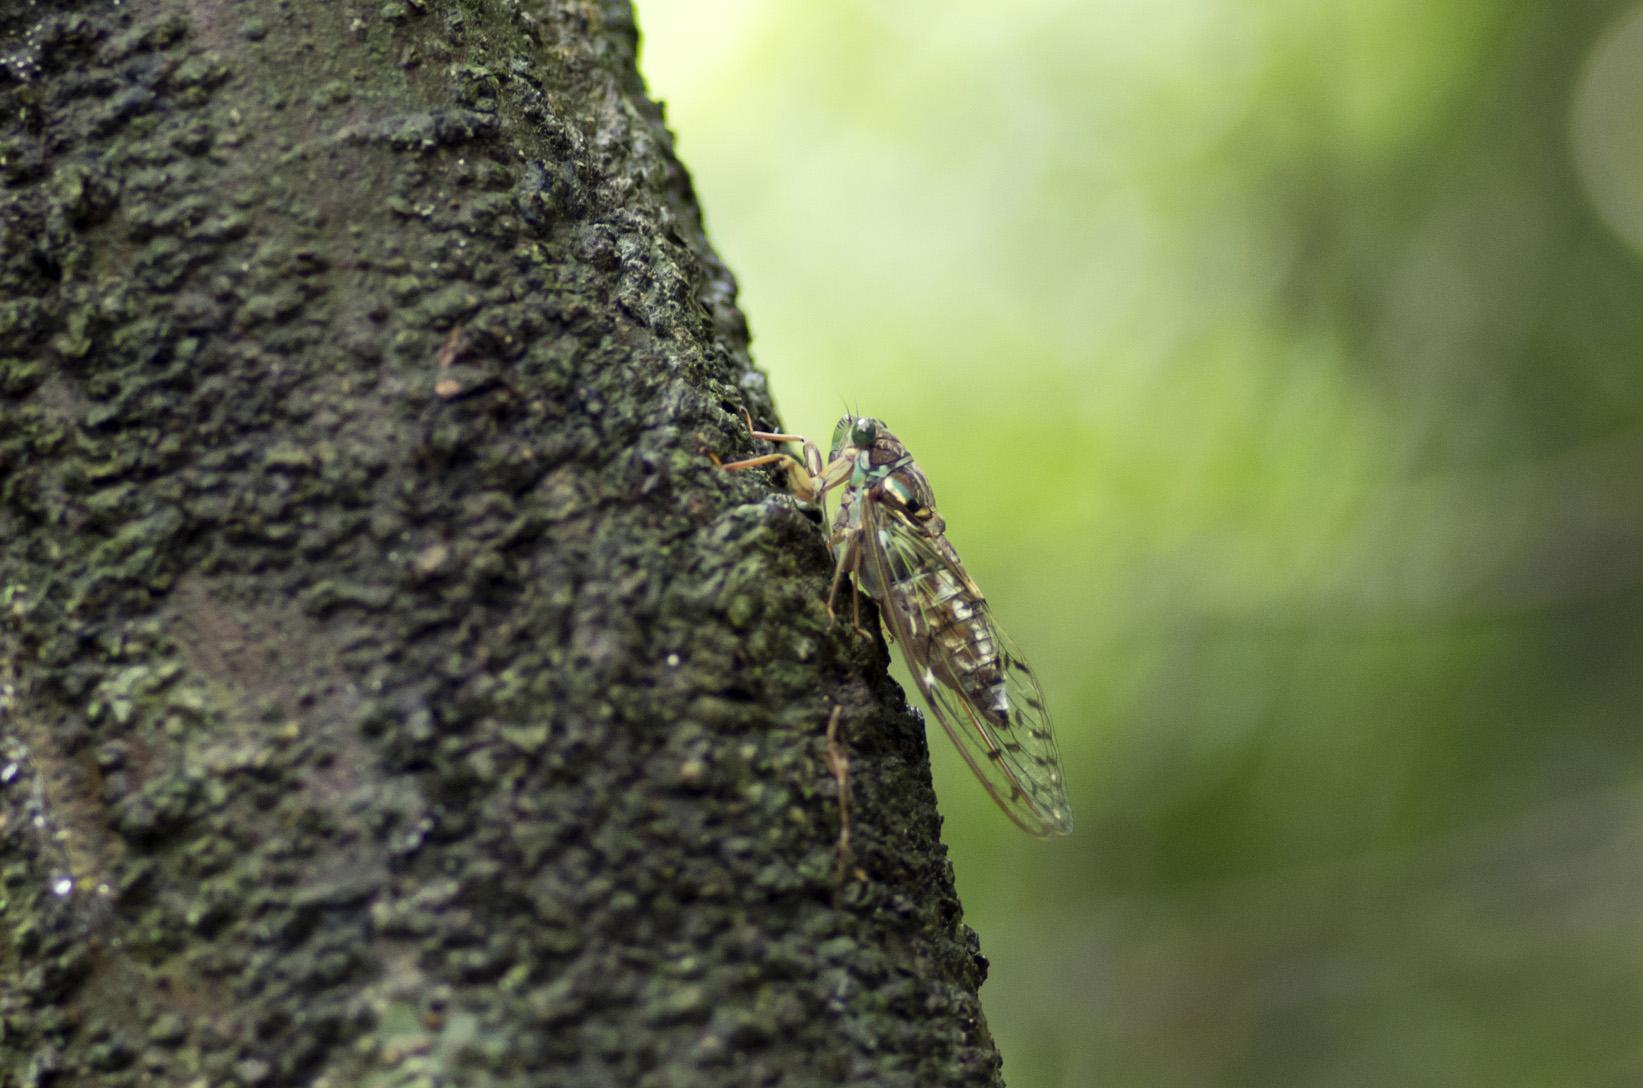 Cigale Higurashi, Tanna japonensis, mâle (Kyôto, juillet 2014). Chant de l'espèce : kana-kana-kana...